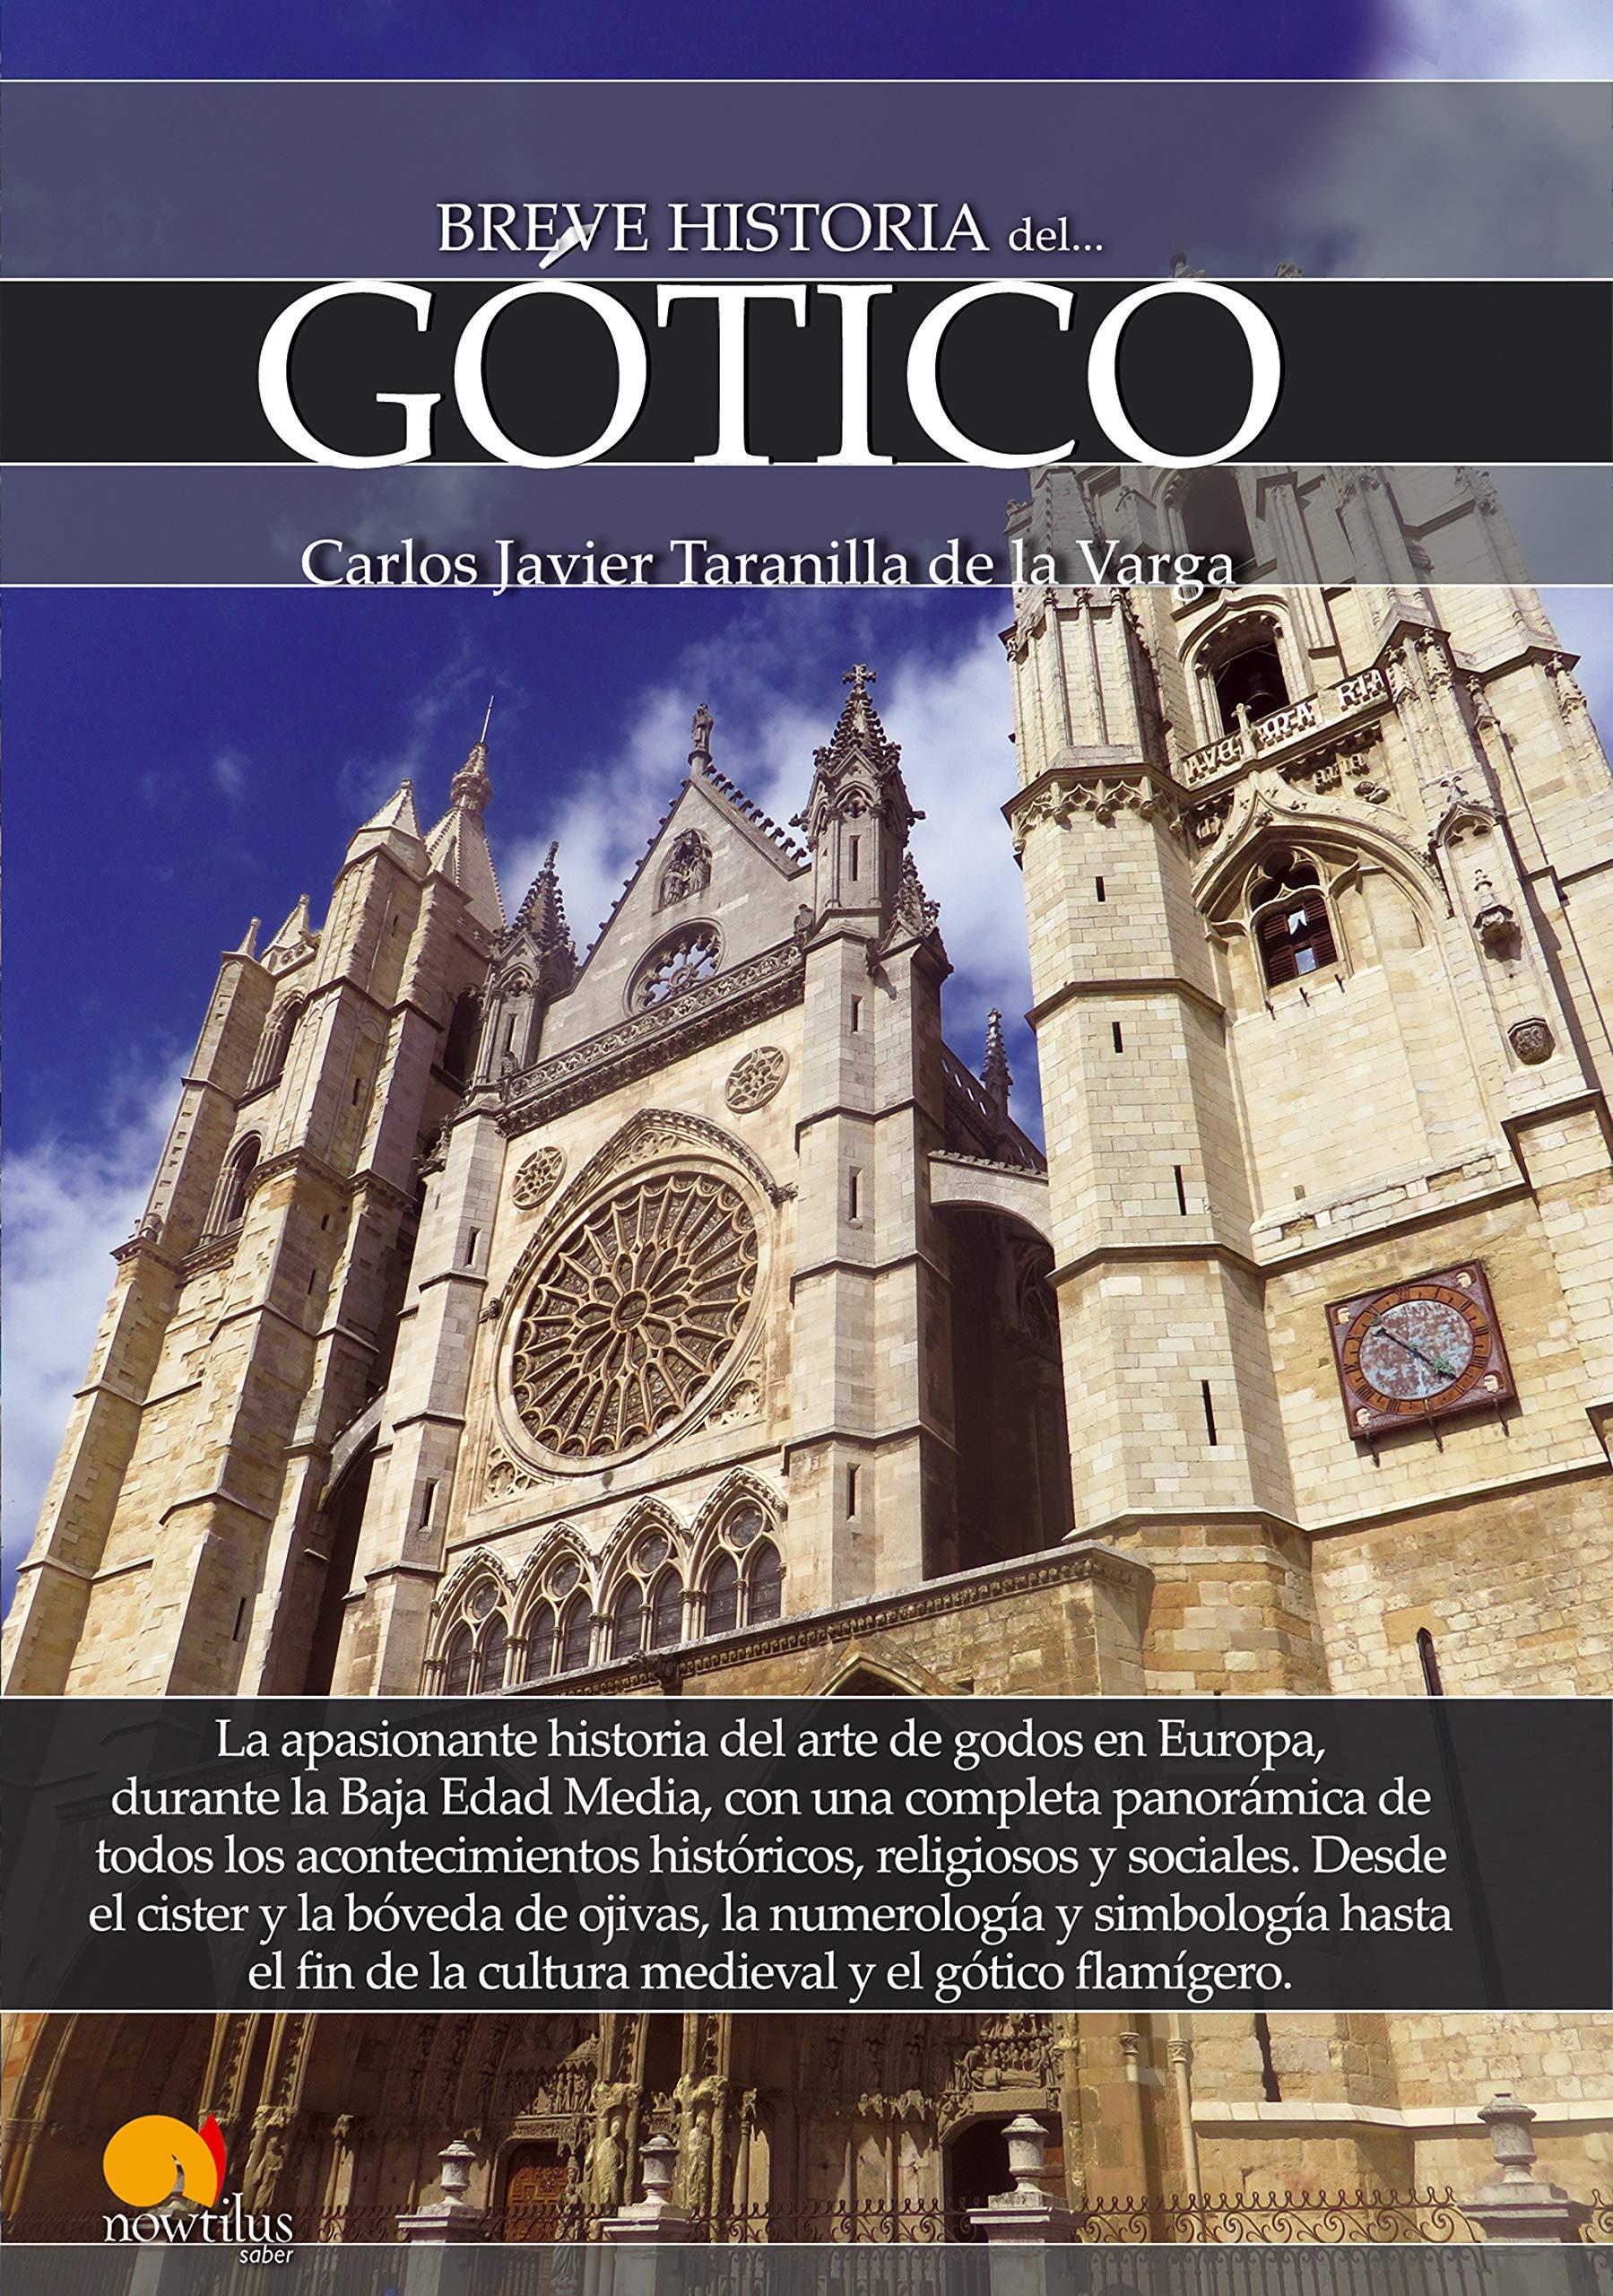 Breve historia del Gótico (Versión sin solapas): Amazon.es: Taranilla de la Varga, Carlos Javier: Libros